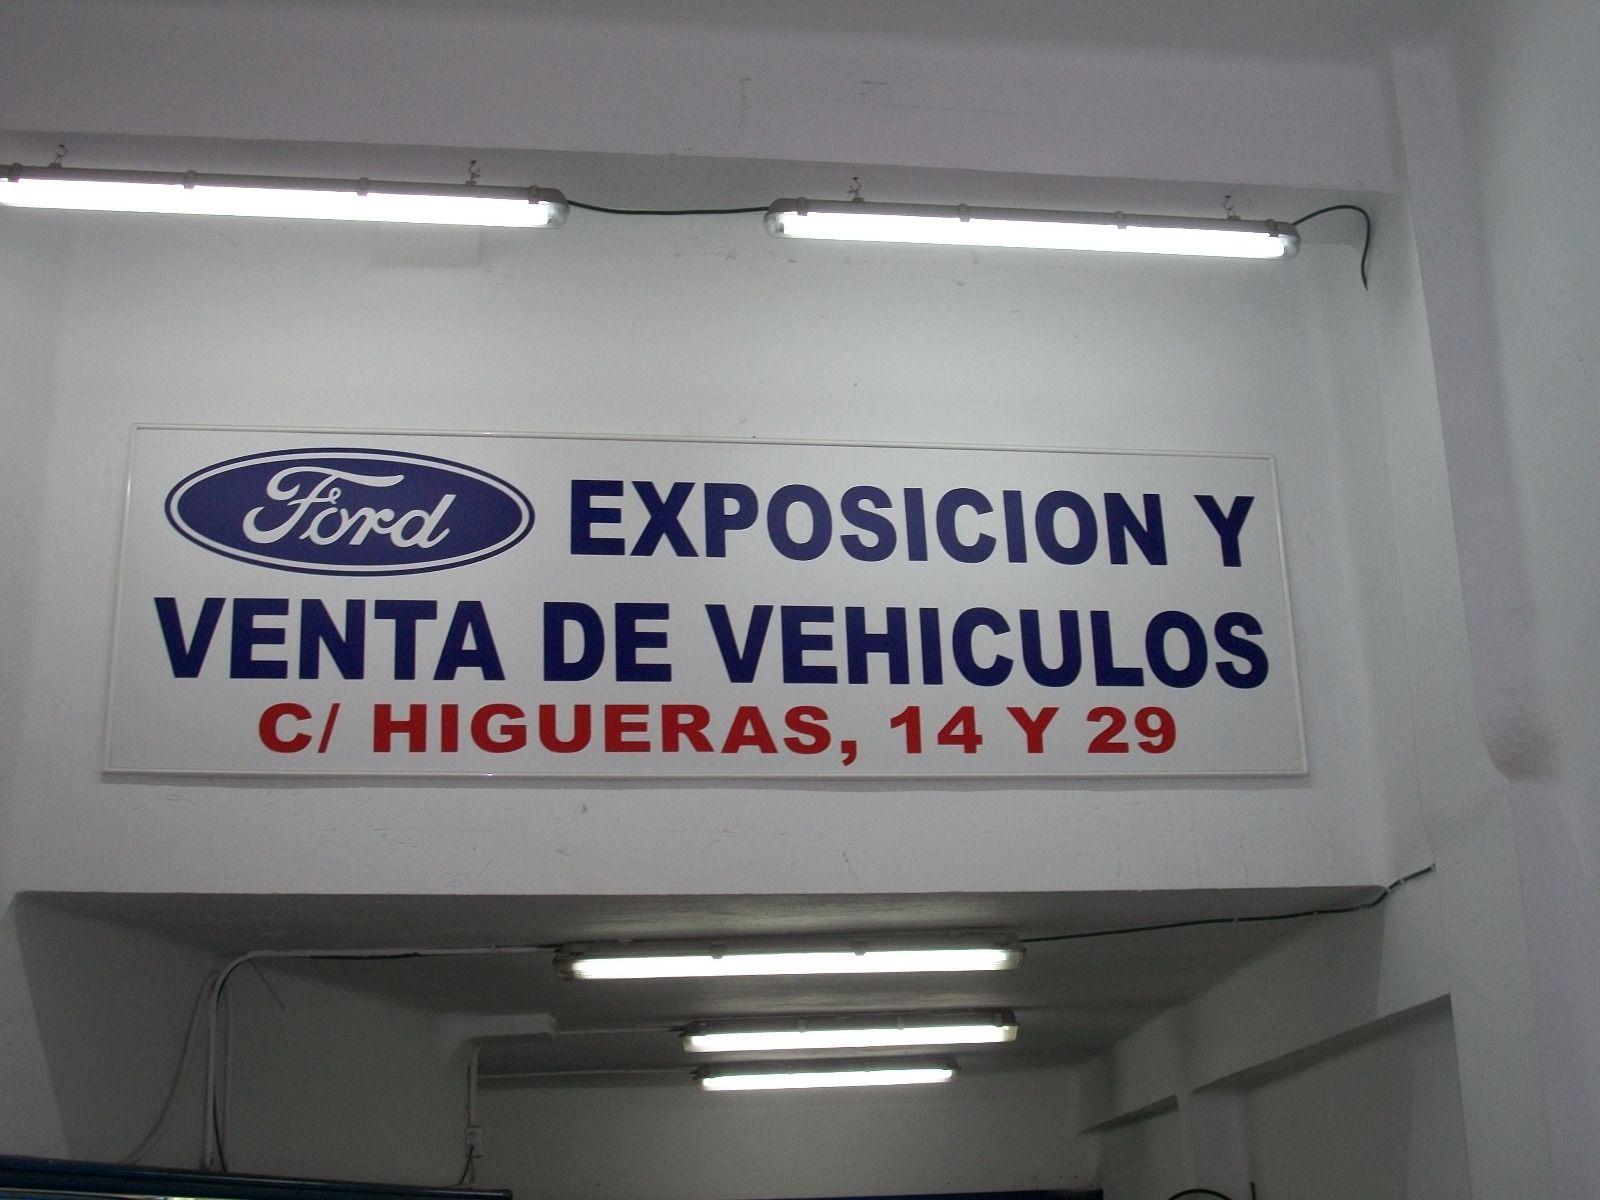 Exposición y venta de vehículos nuevos y seminuevos